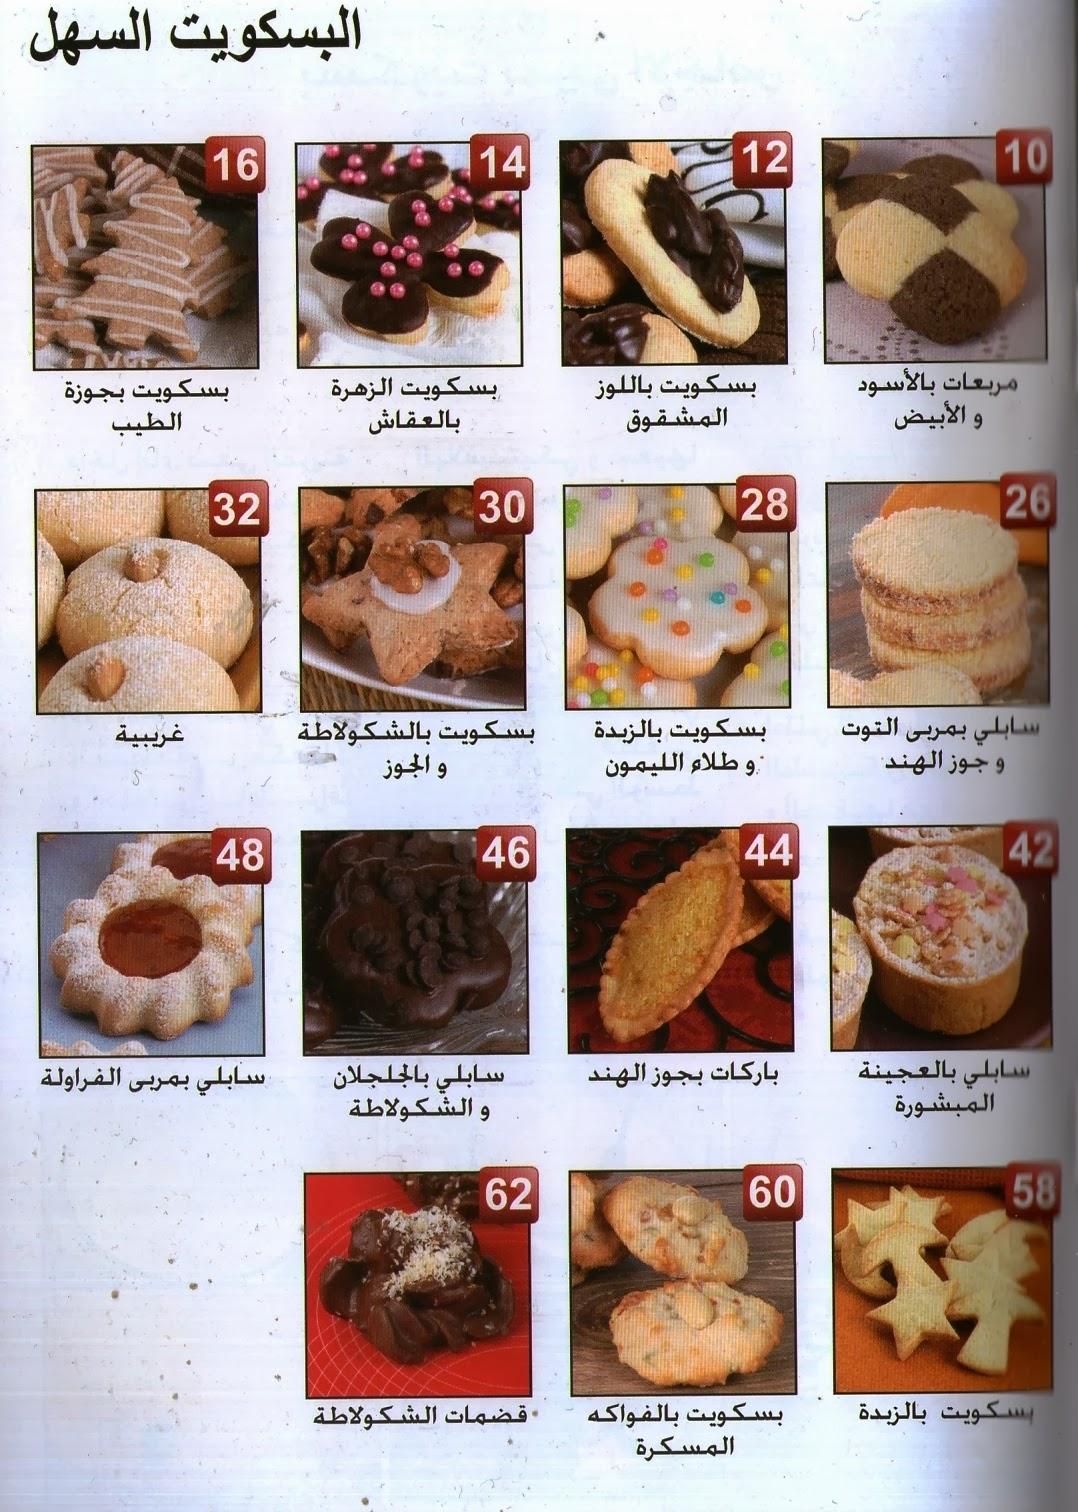 La cuisine alg rienne samira biscuits faciles - La cuisine algerienne samira ...